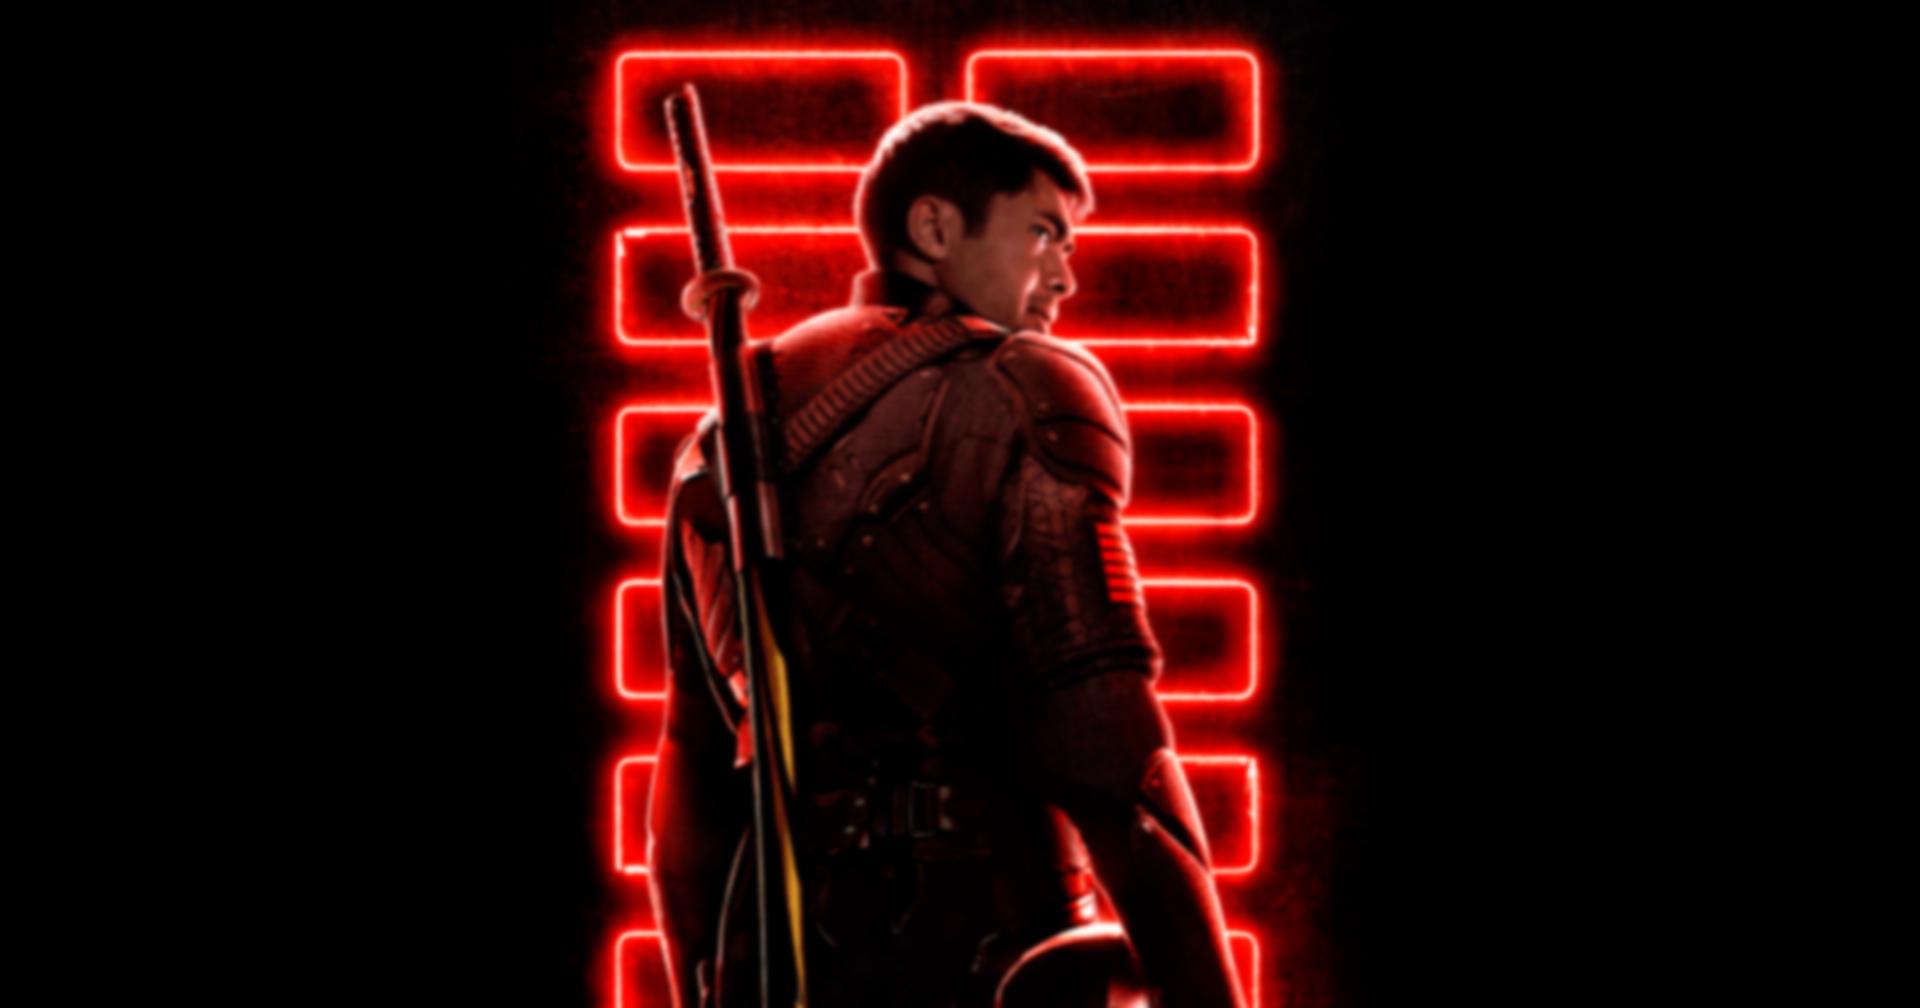 G.I. Joe Origens: Snake Eyes   Novo trailer revela cenas de ação empolgantes; assista!